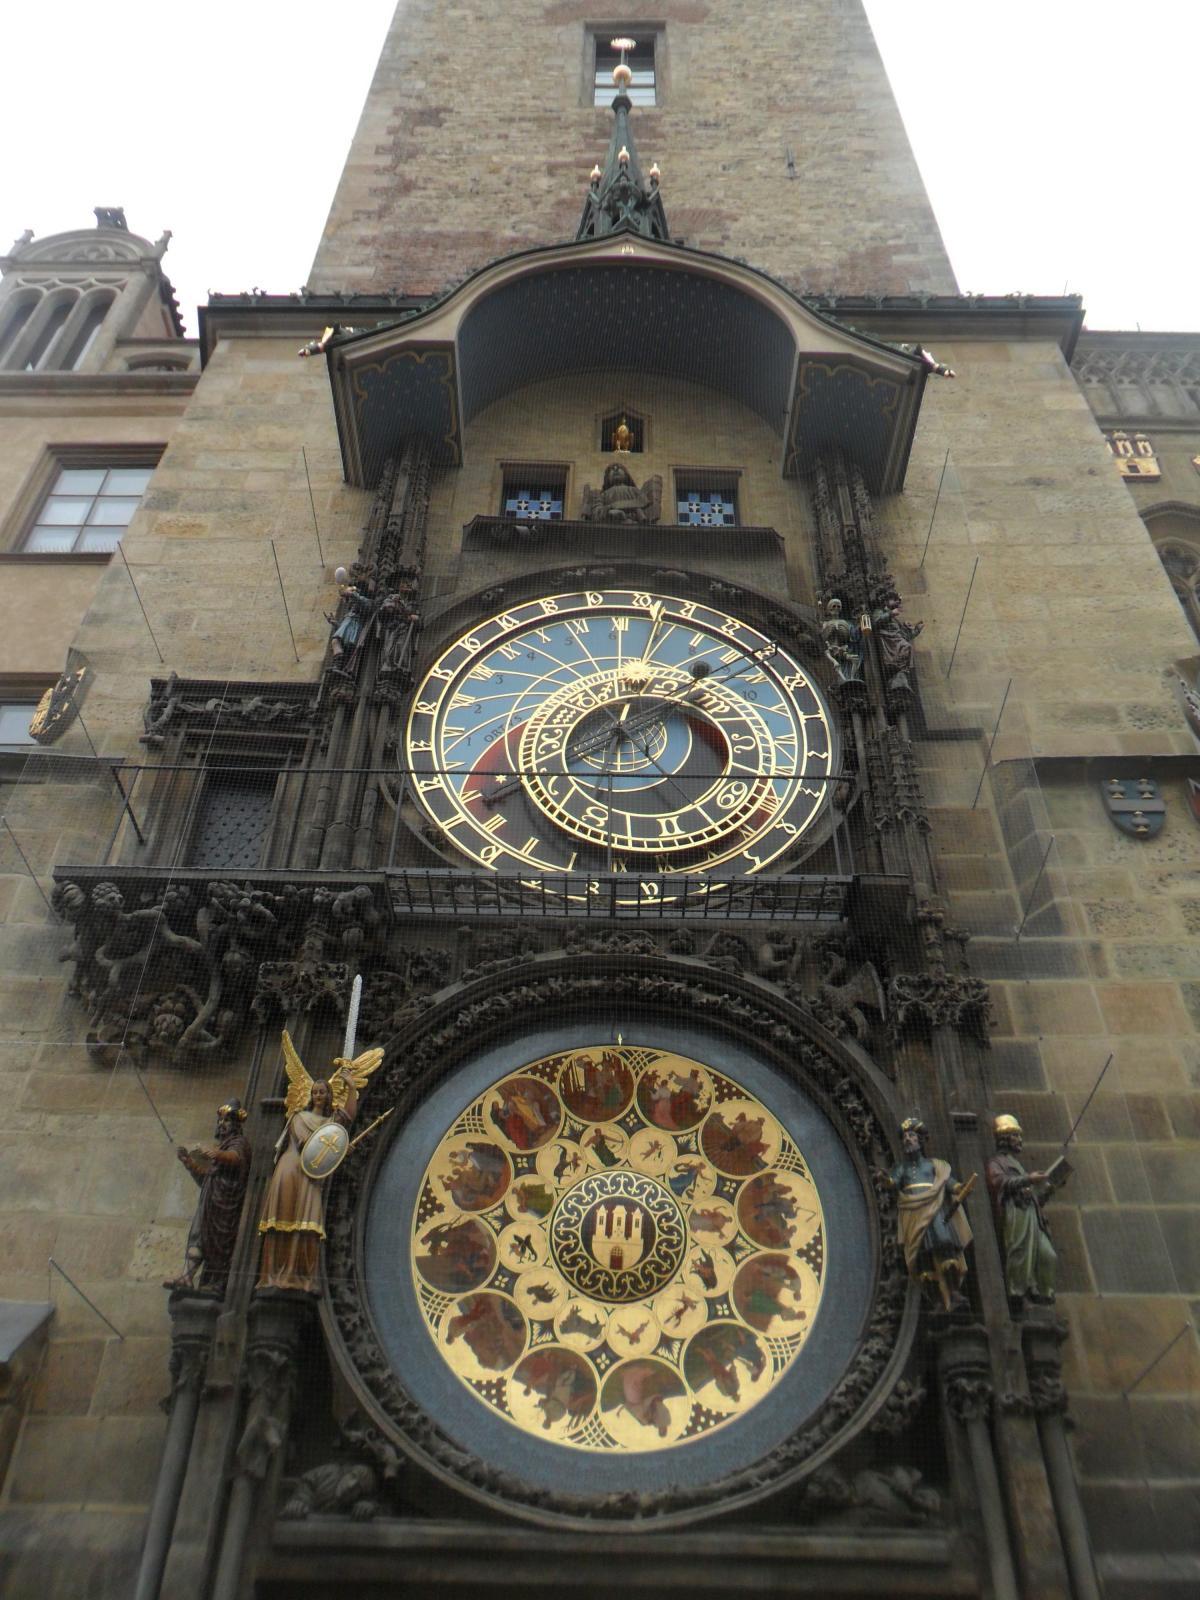 Астрономические часы на Староместской площади / фото: Ольга Броскова